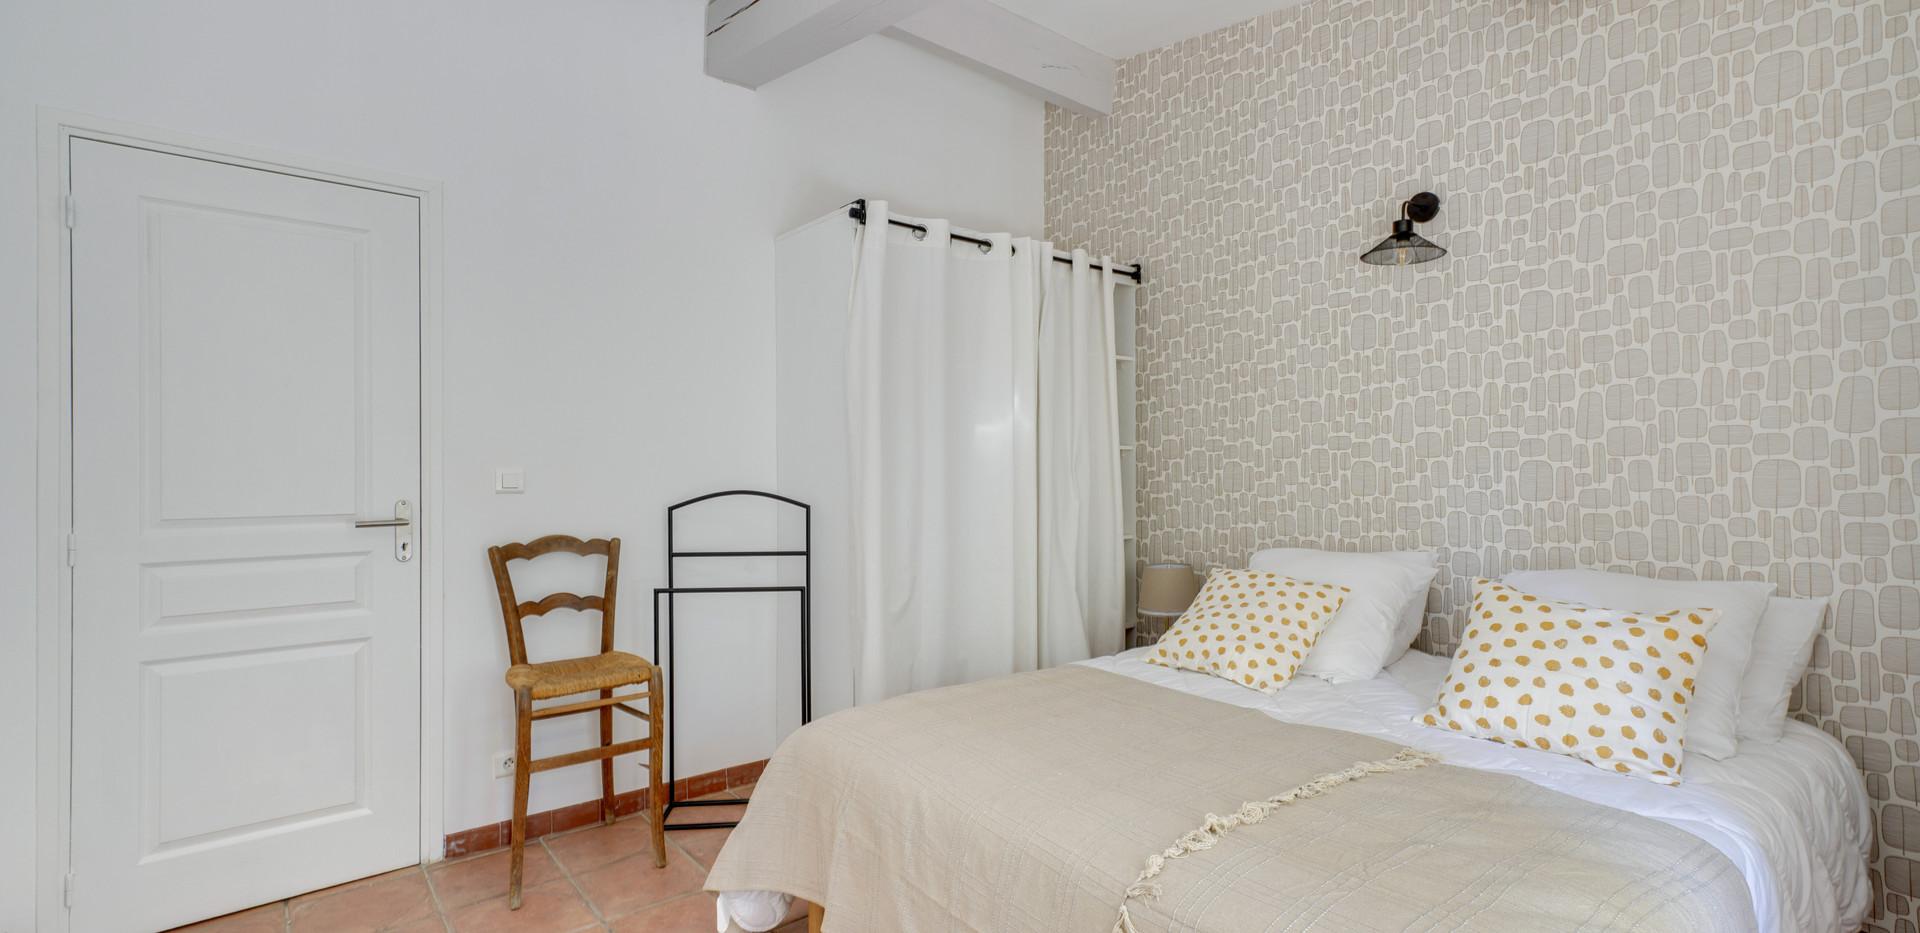 Maison des voyageurs, Mas Saint-Gens, holiday home for rent